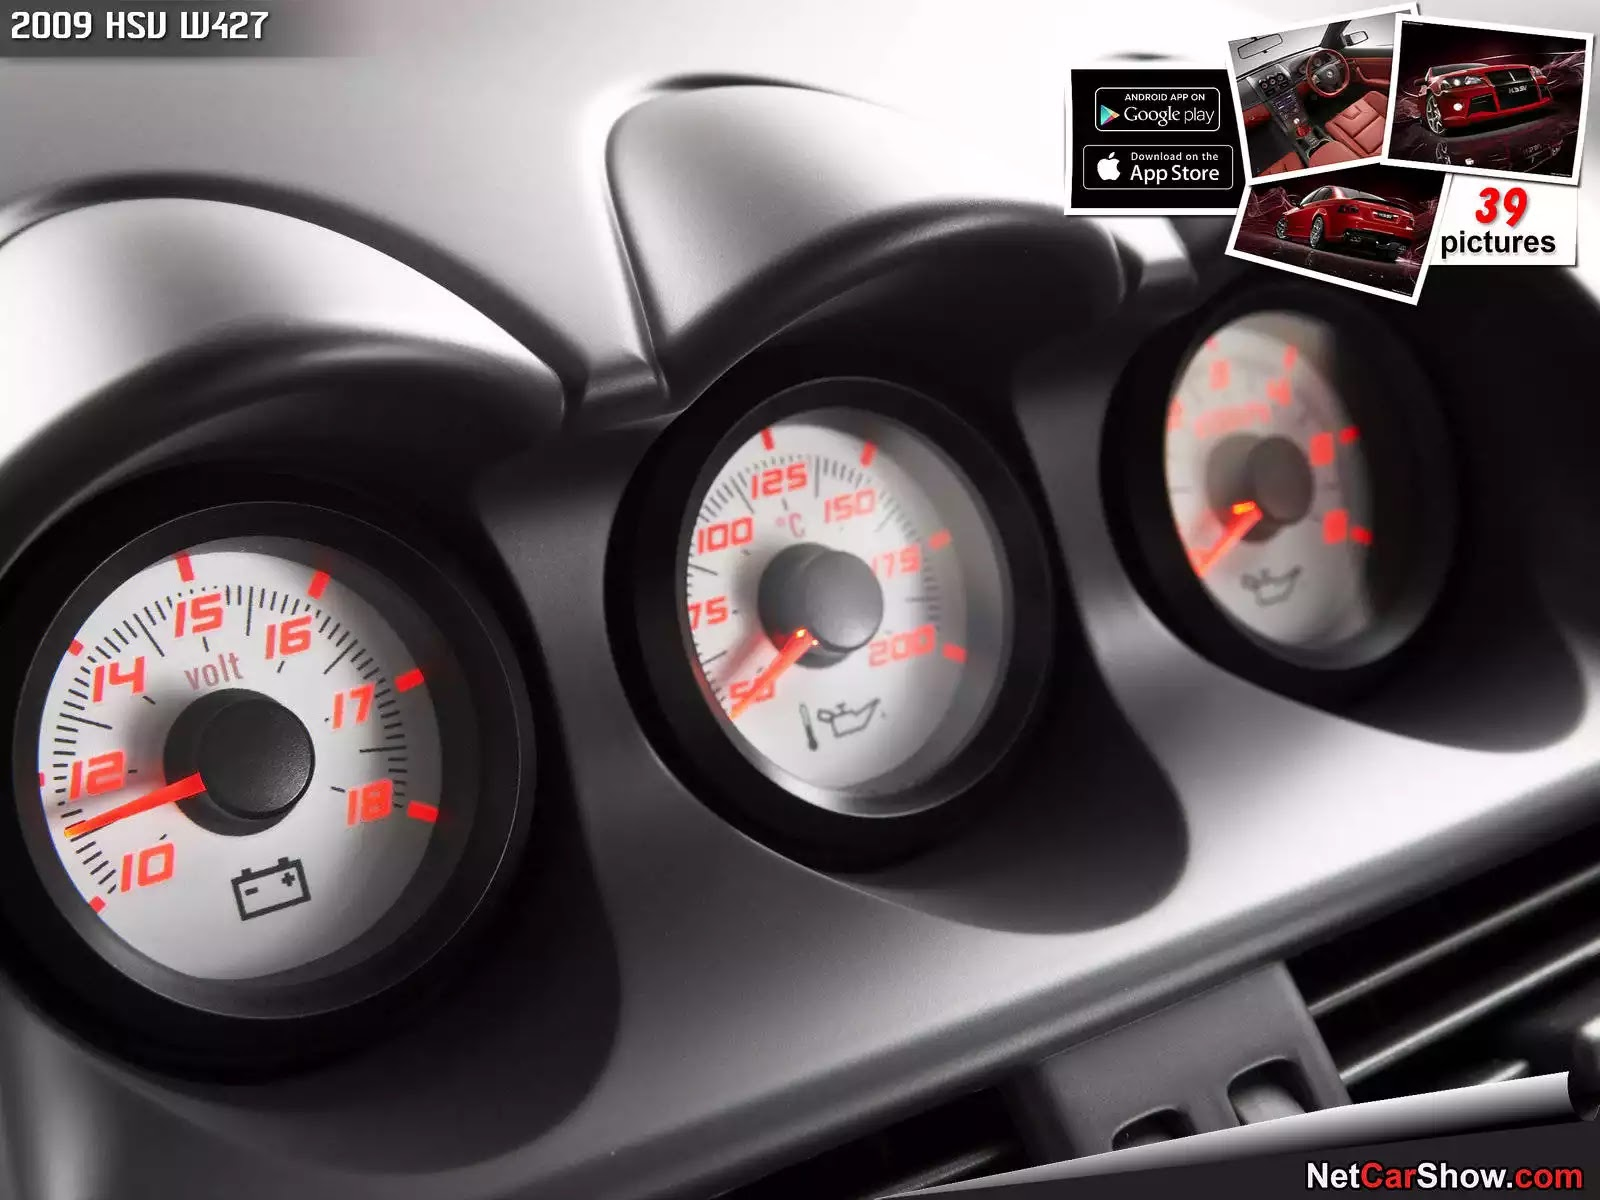 Hình ảnh xe ô tô HSV W427 2009 & nội ngoại thất